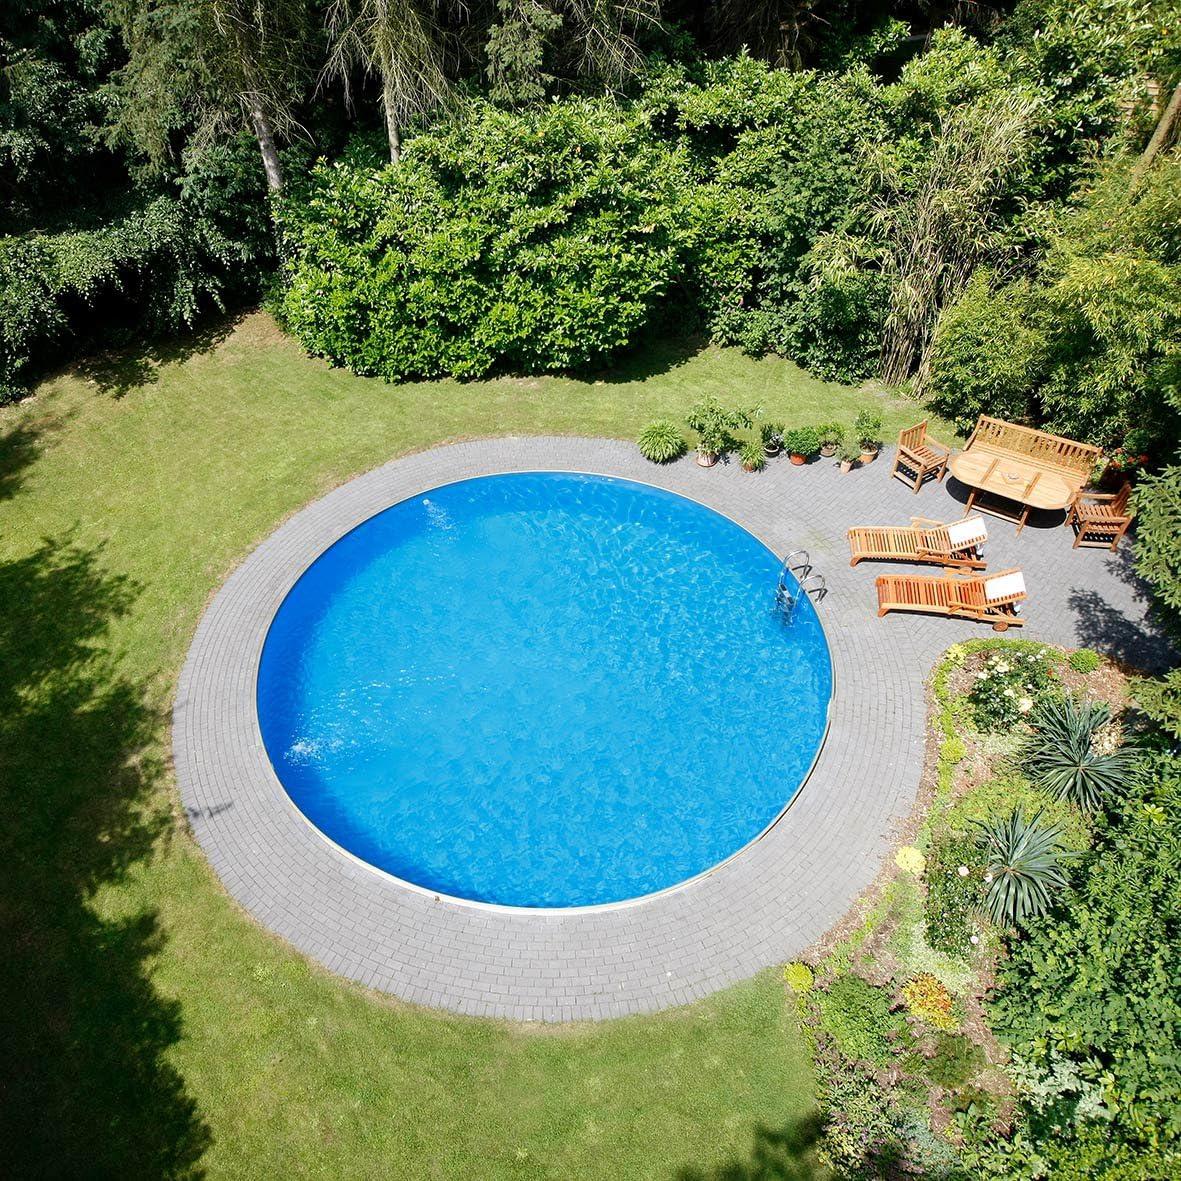 Conjunto de piscina, tamaño y profundidad a elegir, pared de acero ...